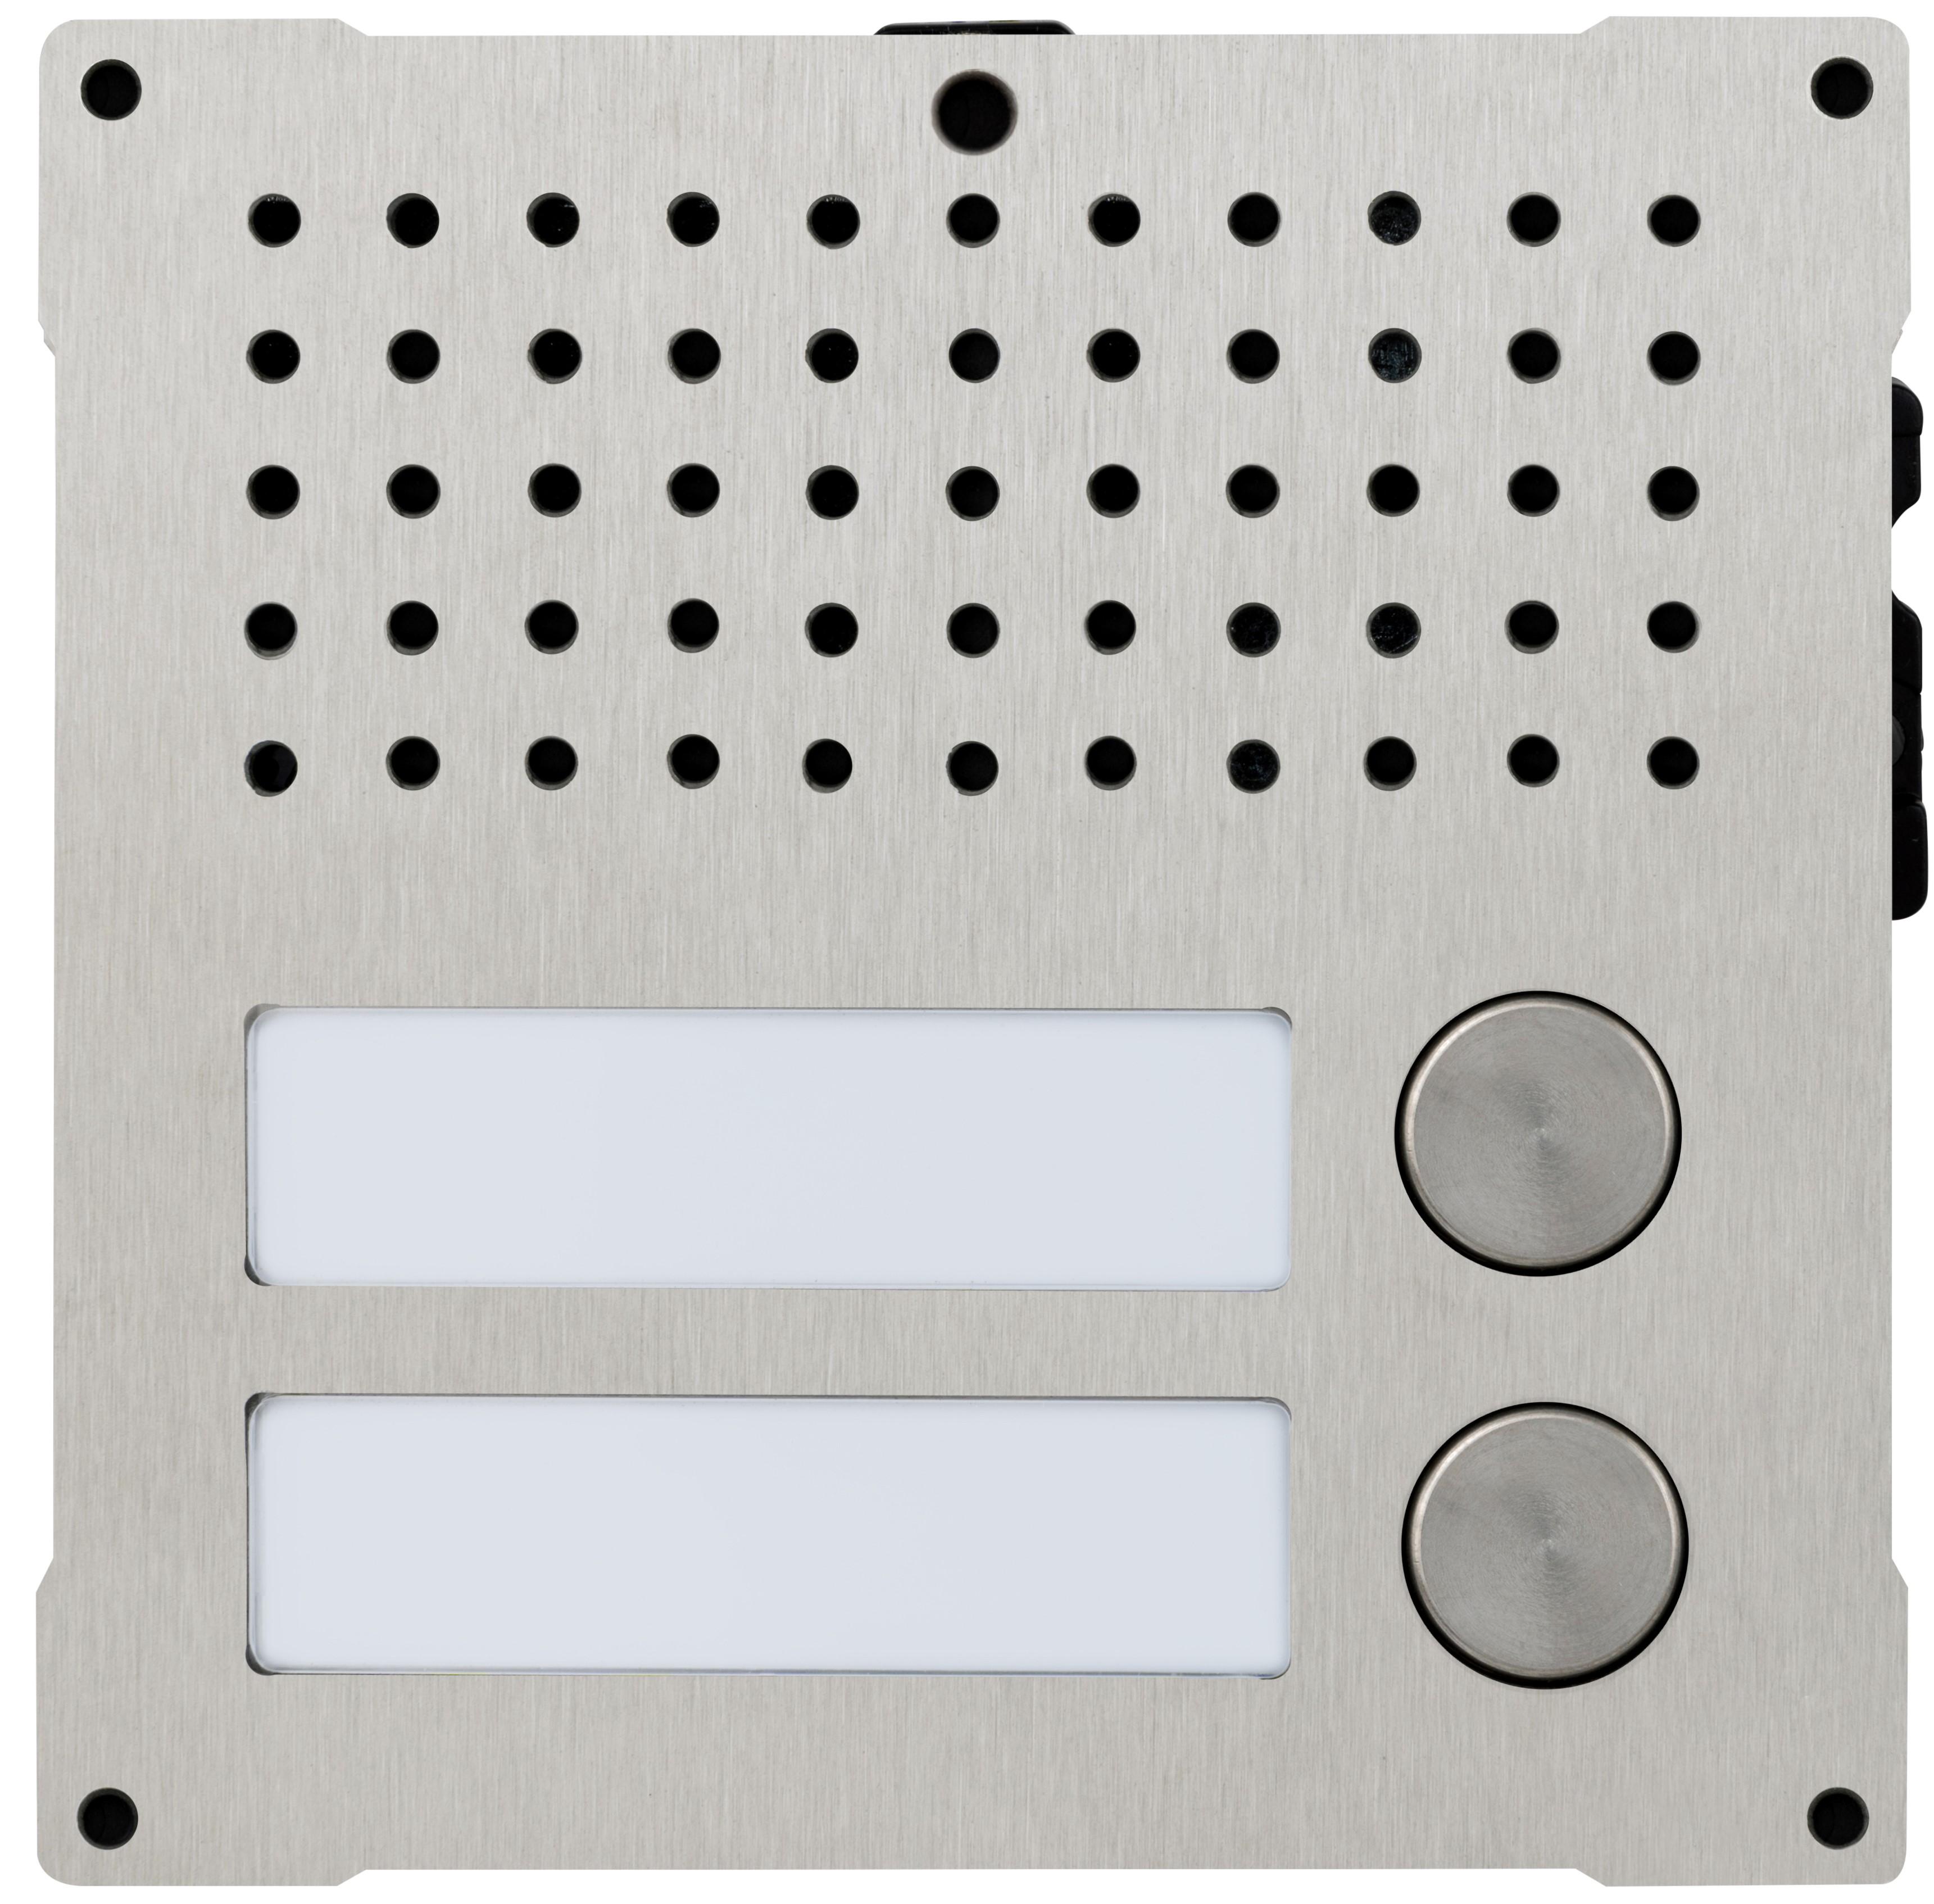 1 Stk Audiofrontmodul mit 2 Tasten, VANDALCOM SP3262S2--